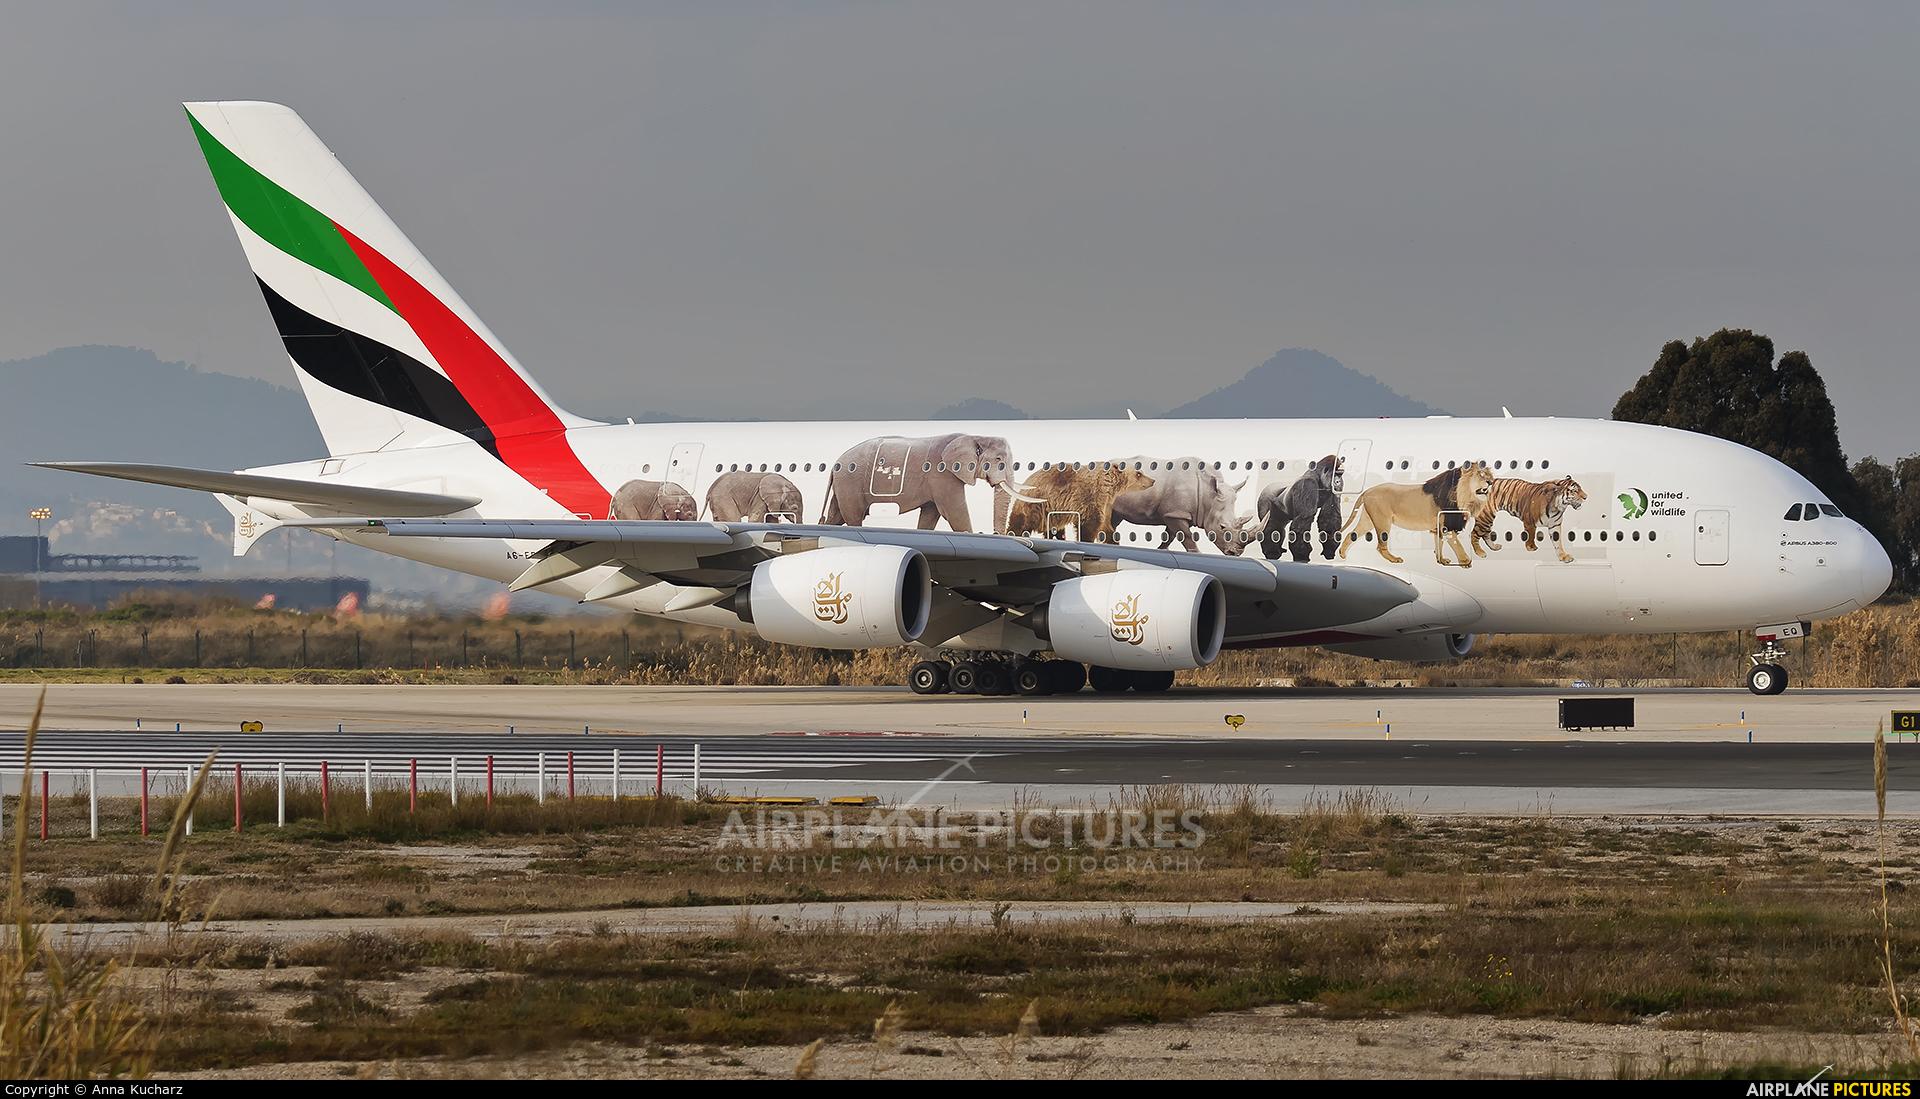 Emirates Airlines A6-EEQ aircraft at Barcelona - El Prat